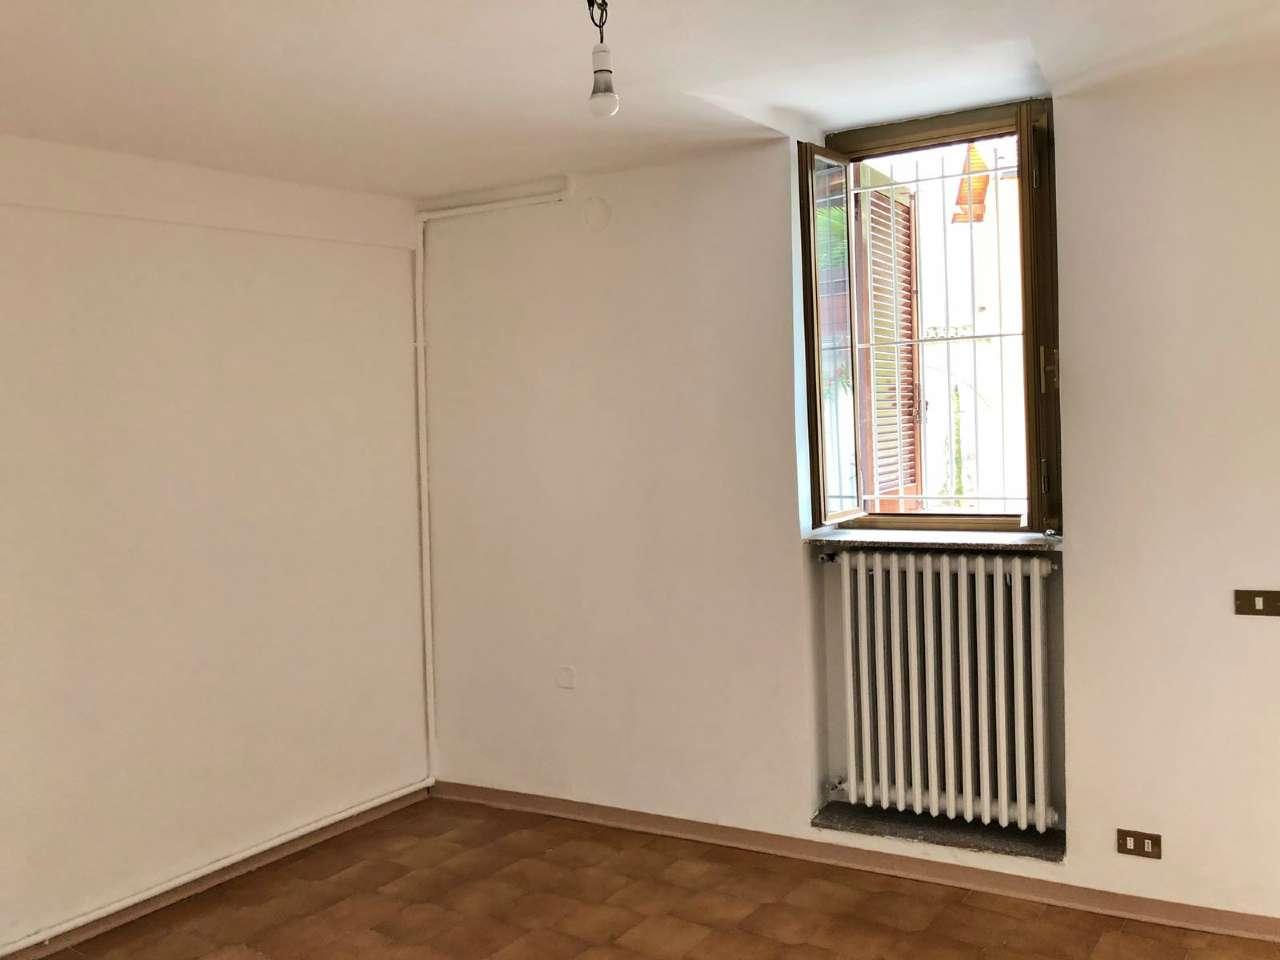 Palazzo / Stabile in vendita a Malnate, 3 locali, prezzo € 58.000 | CambioCasa.it